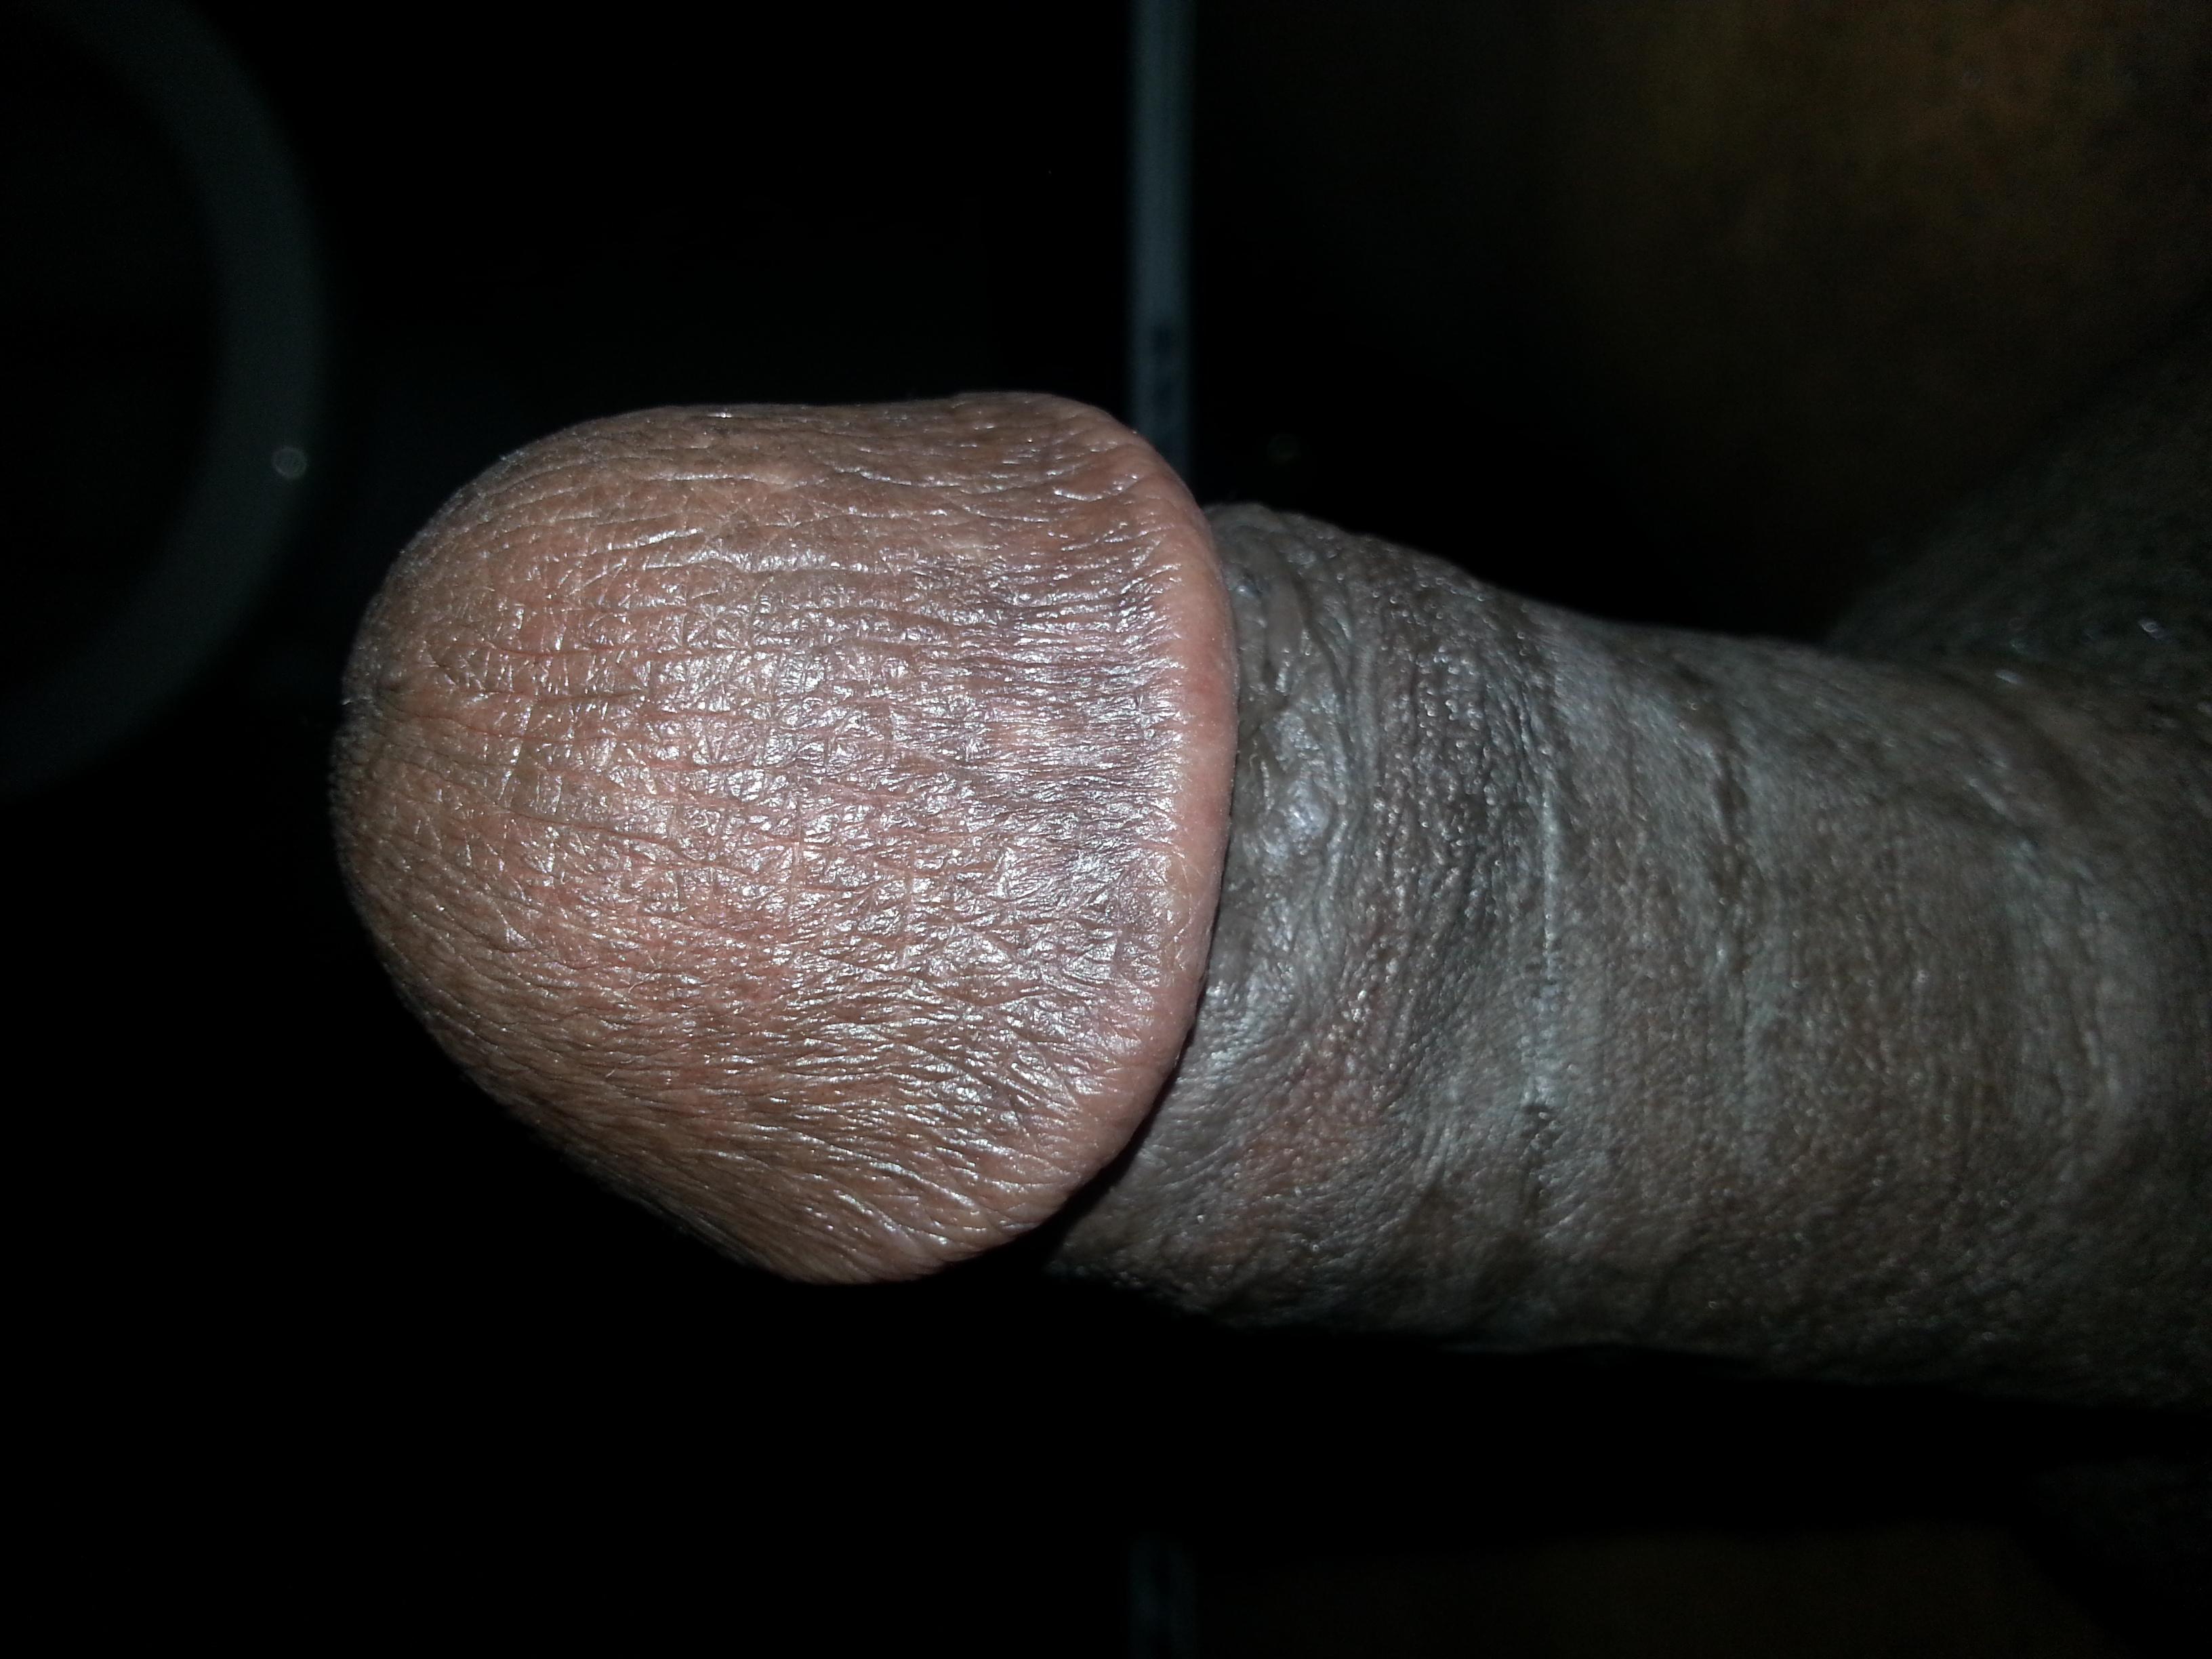 זין גדול ועבה כפות רגליים סקסיות